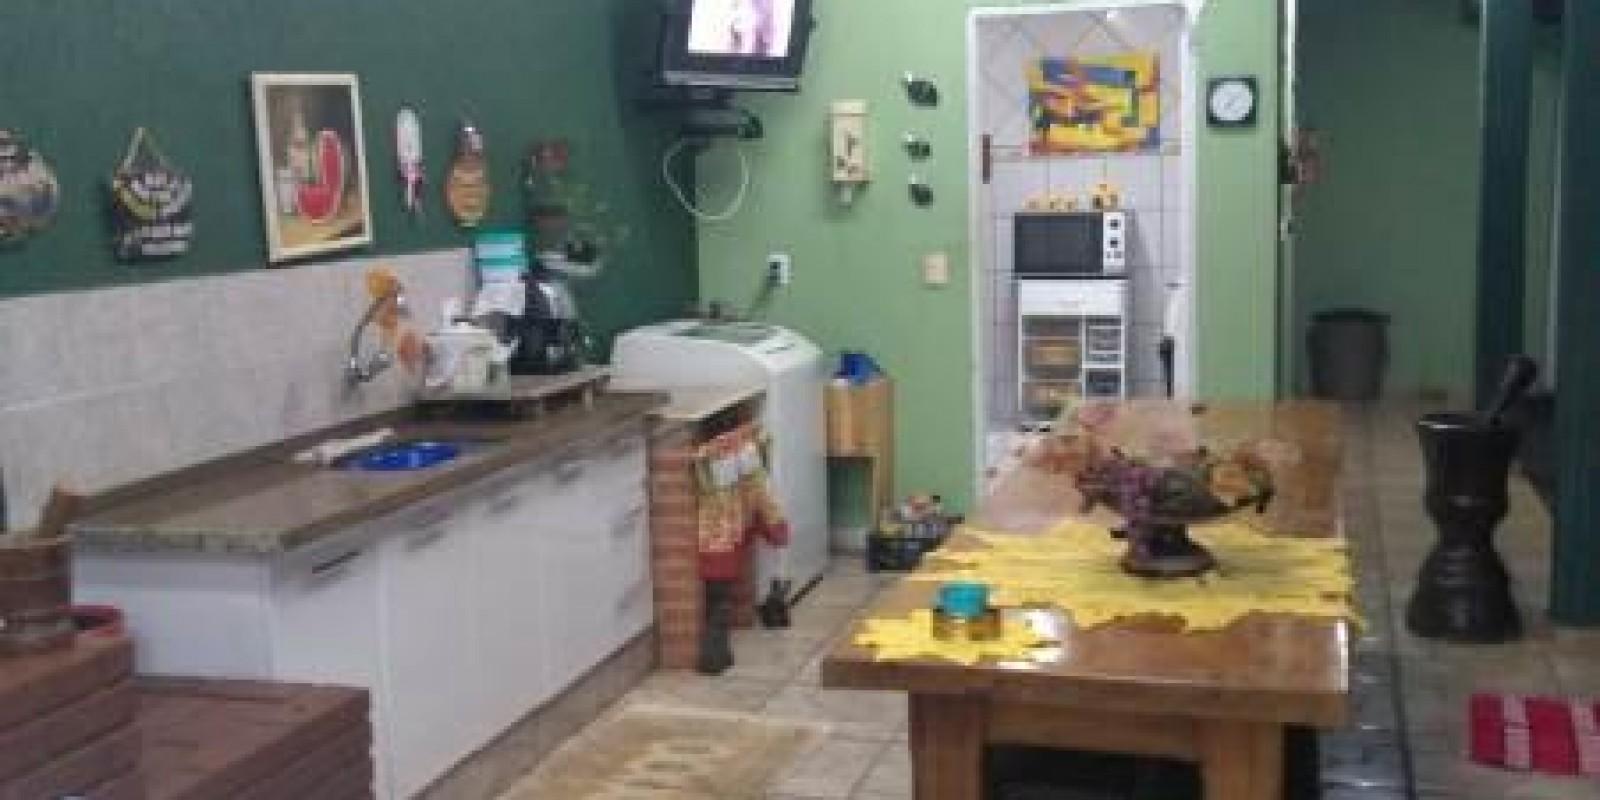 Casa MOBILIADA na Represa no Portal do Catavento em Arandu SP - Foto 21 de 26